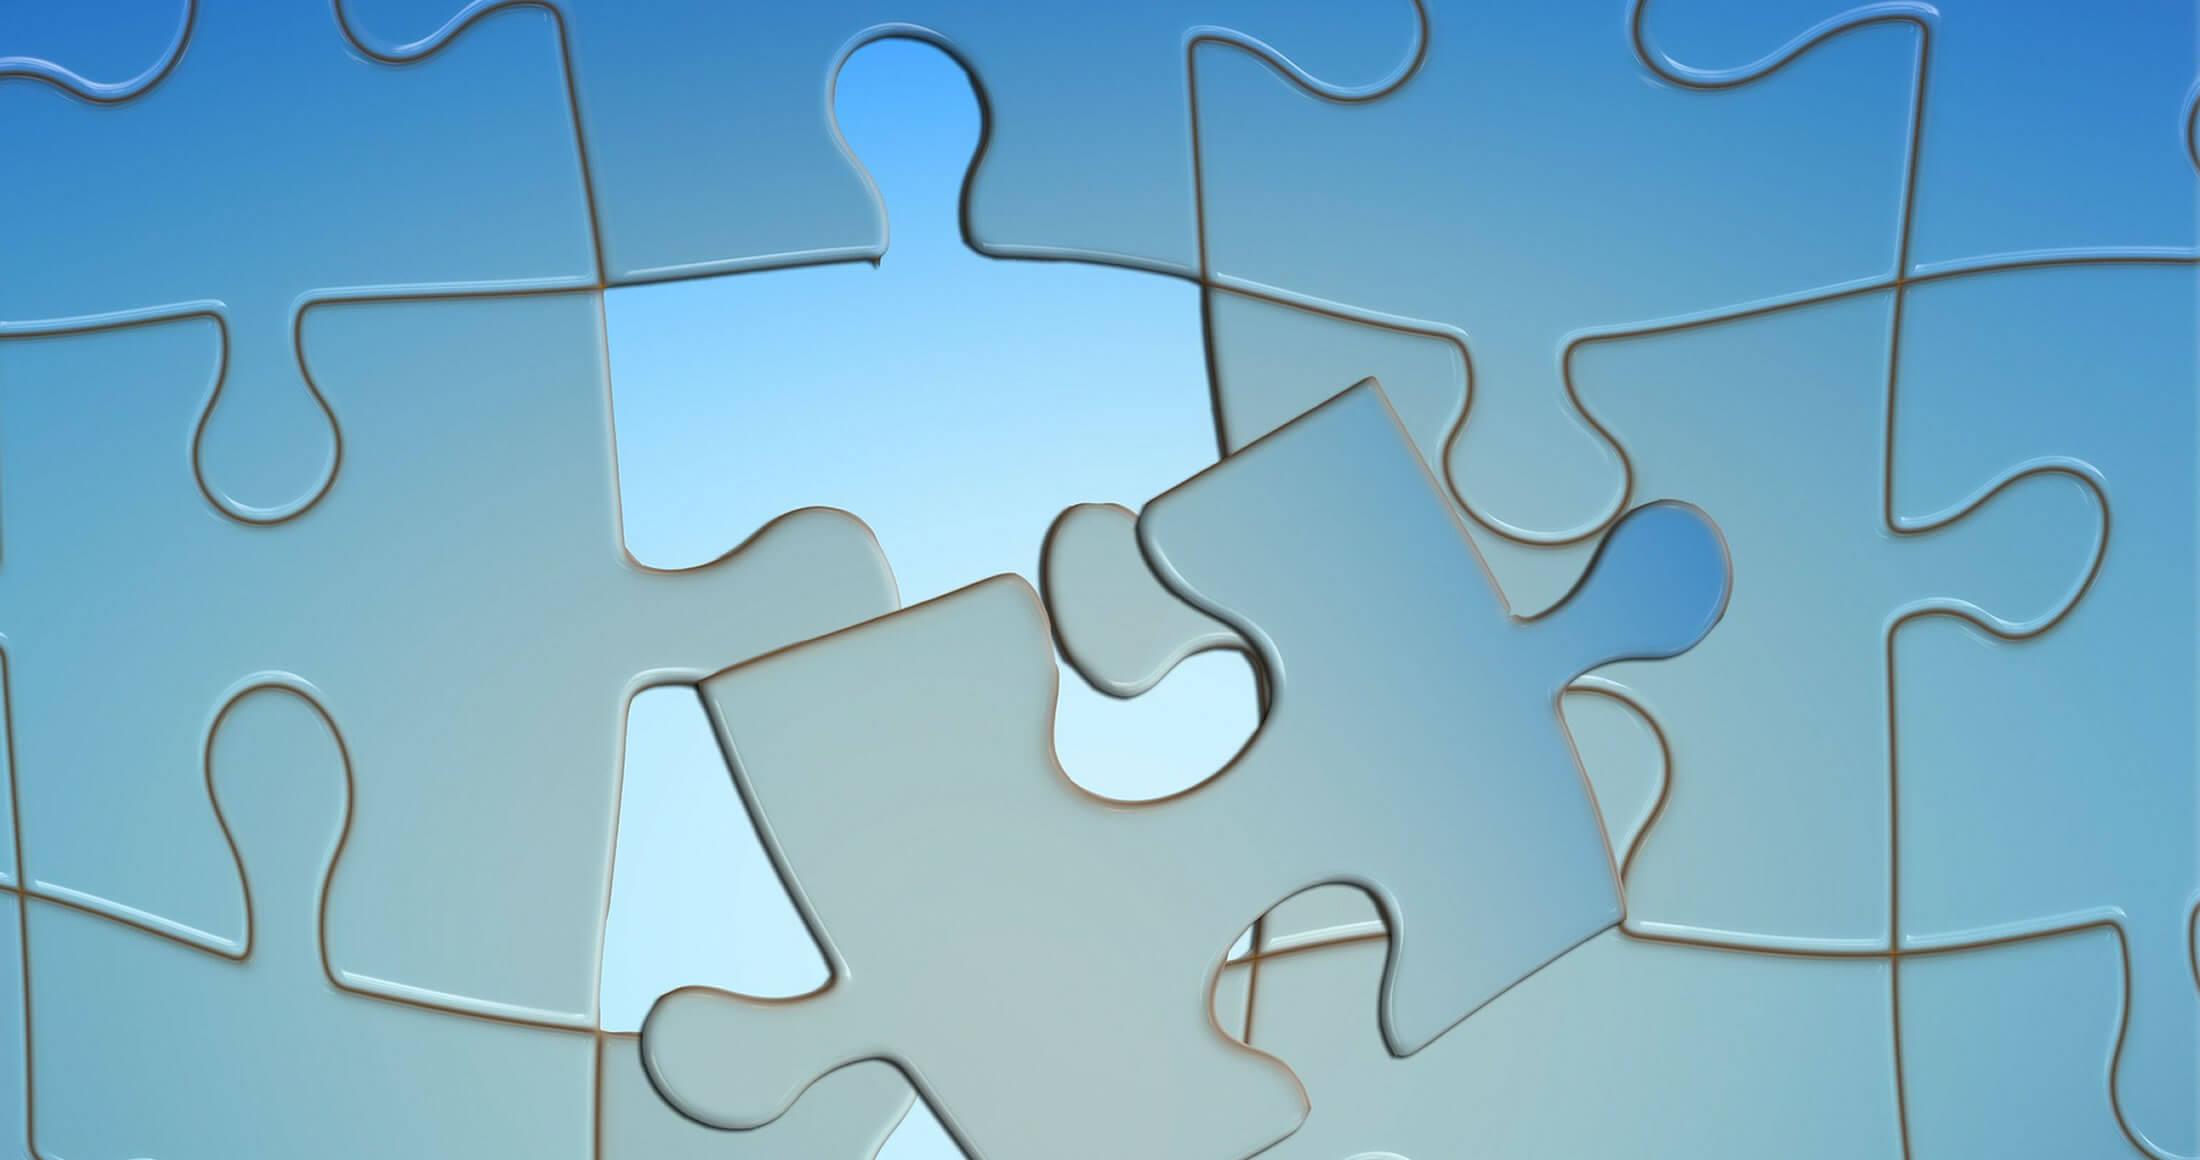 Blue Puzzle Pieces image